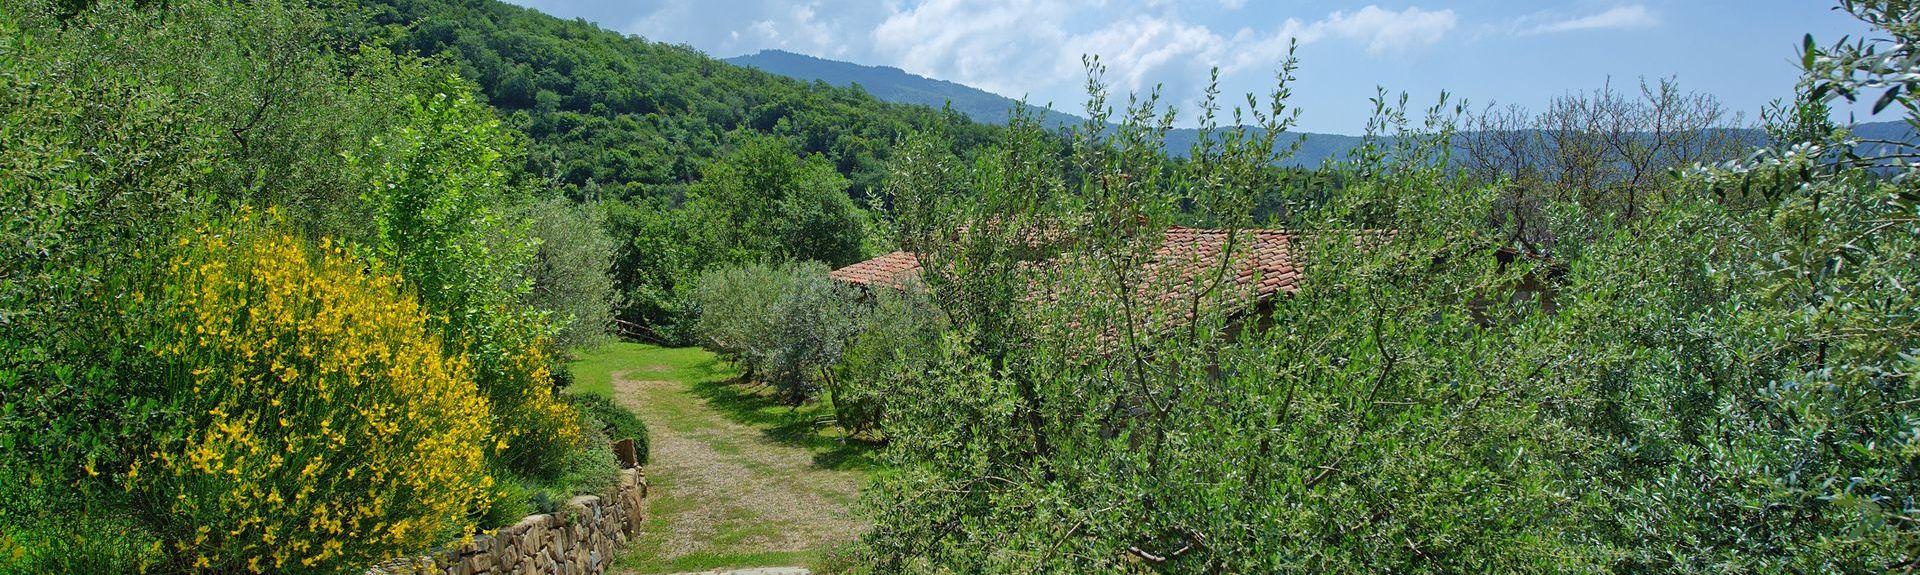 La Strada-Santa Cristina, Castiglion Fiorentino, Toscane, Italie